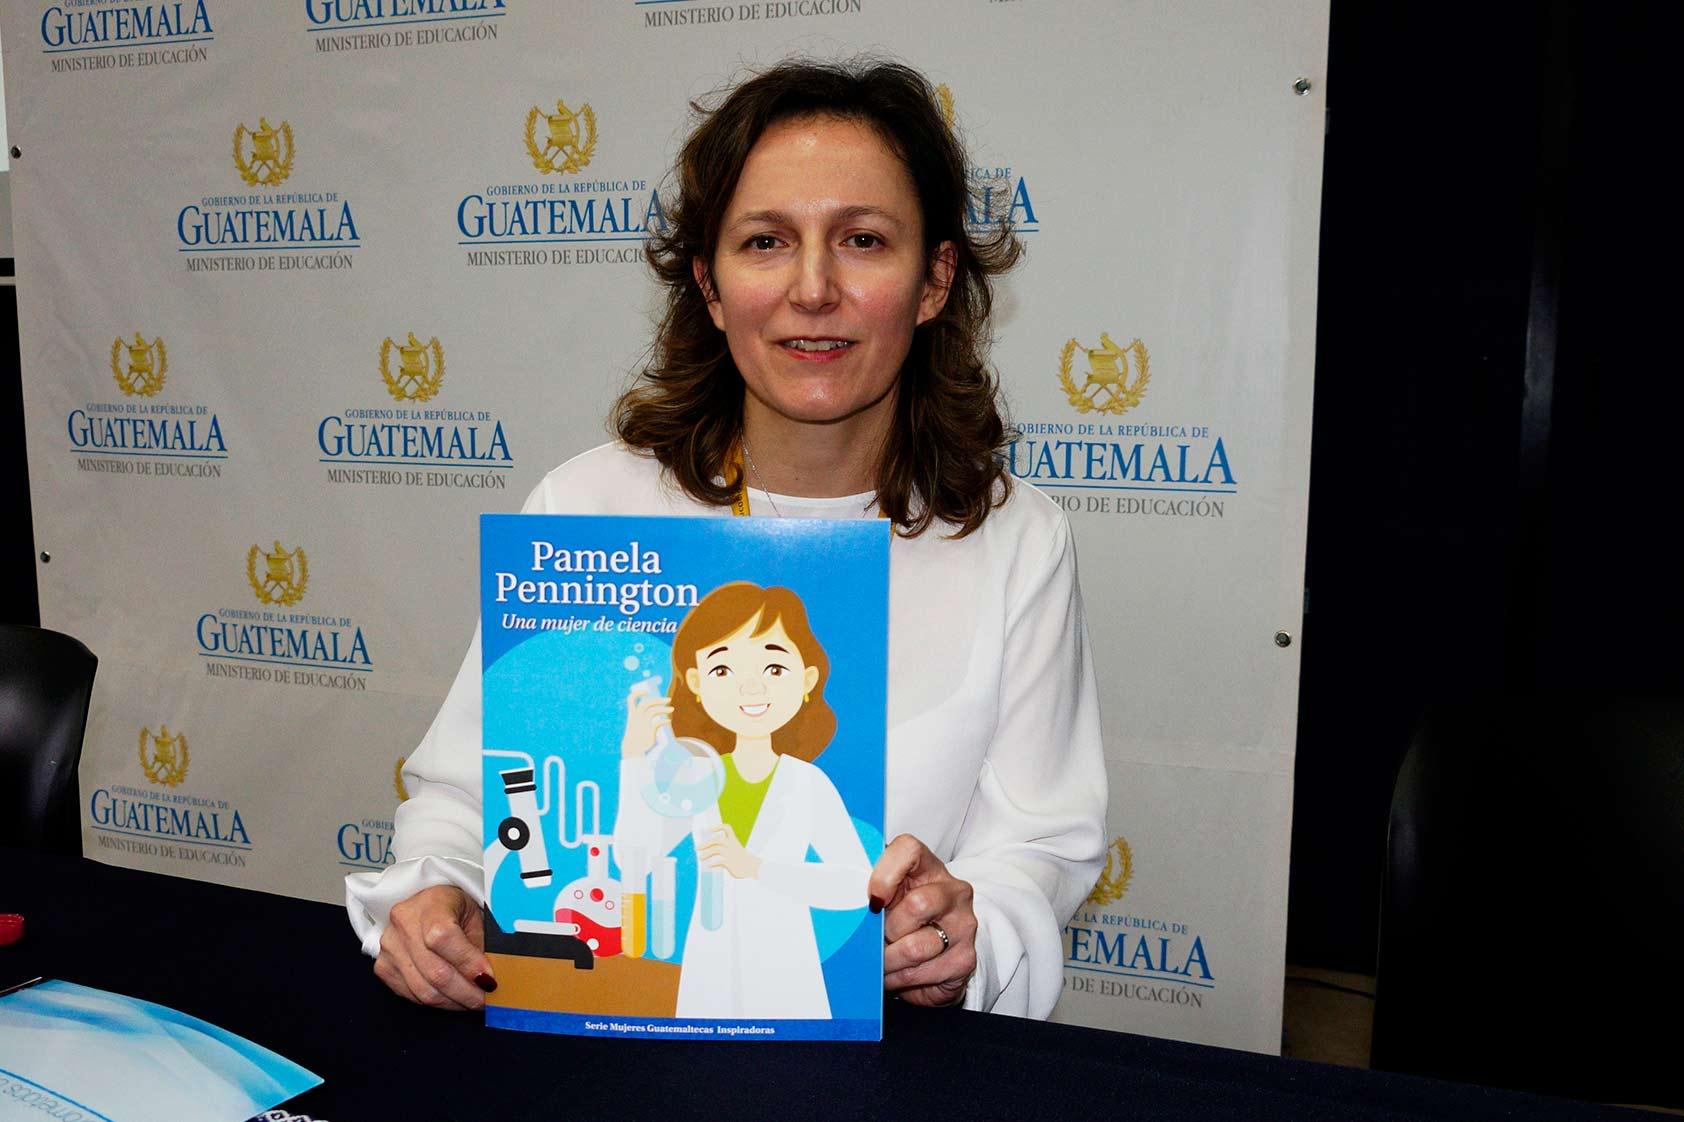 «Pamela Pennington Una mujer de ciencia», un libro para inspirar a niñas y jóvenes